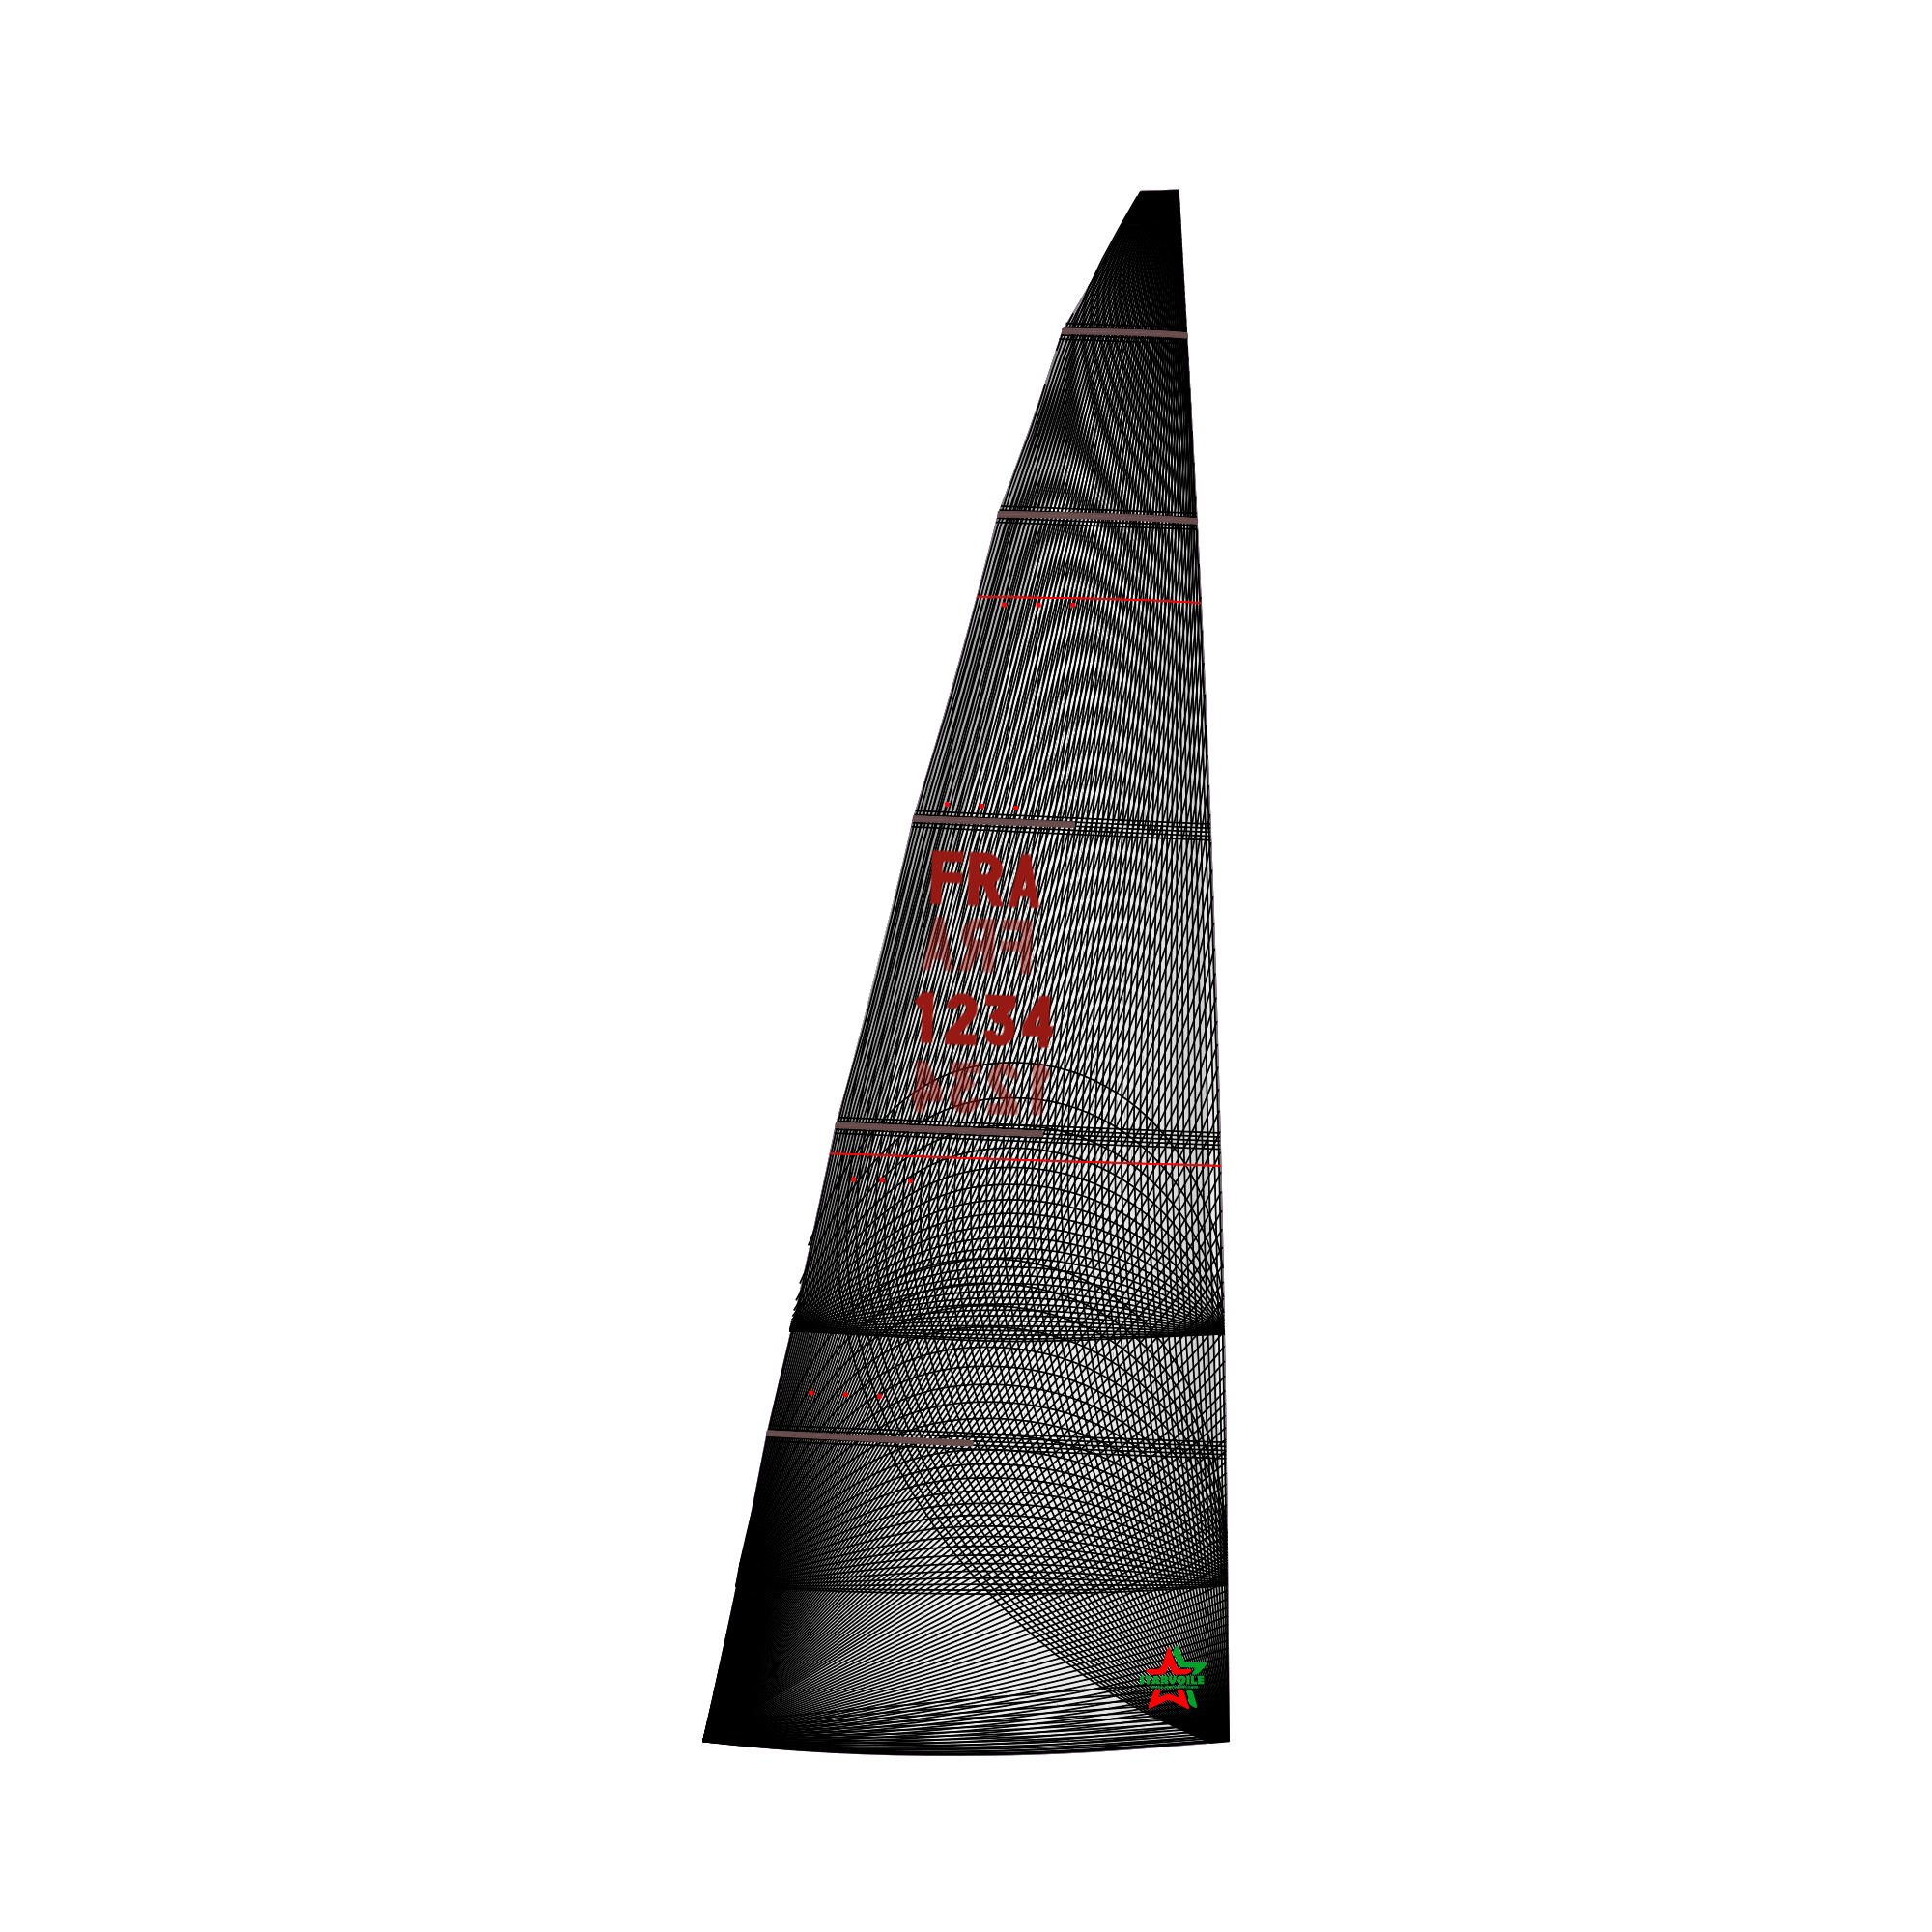 GRAND VOILE Membrane - Starlight